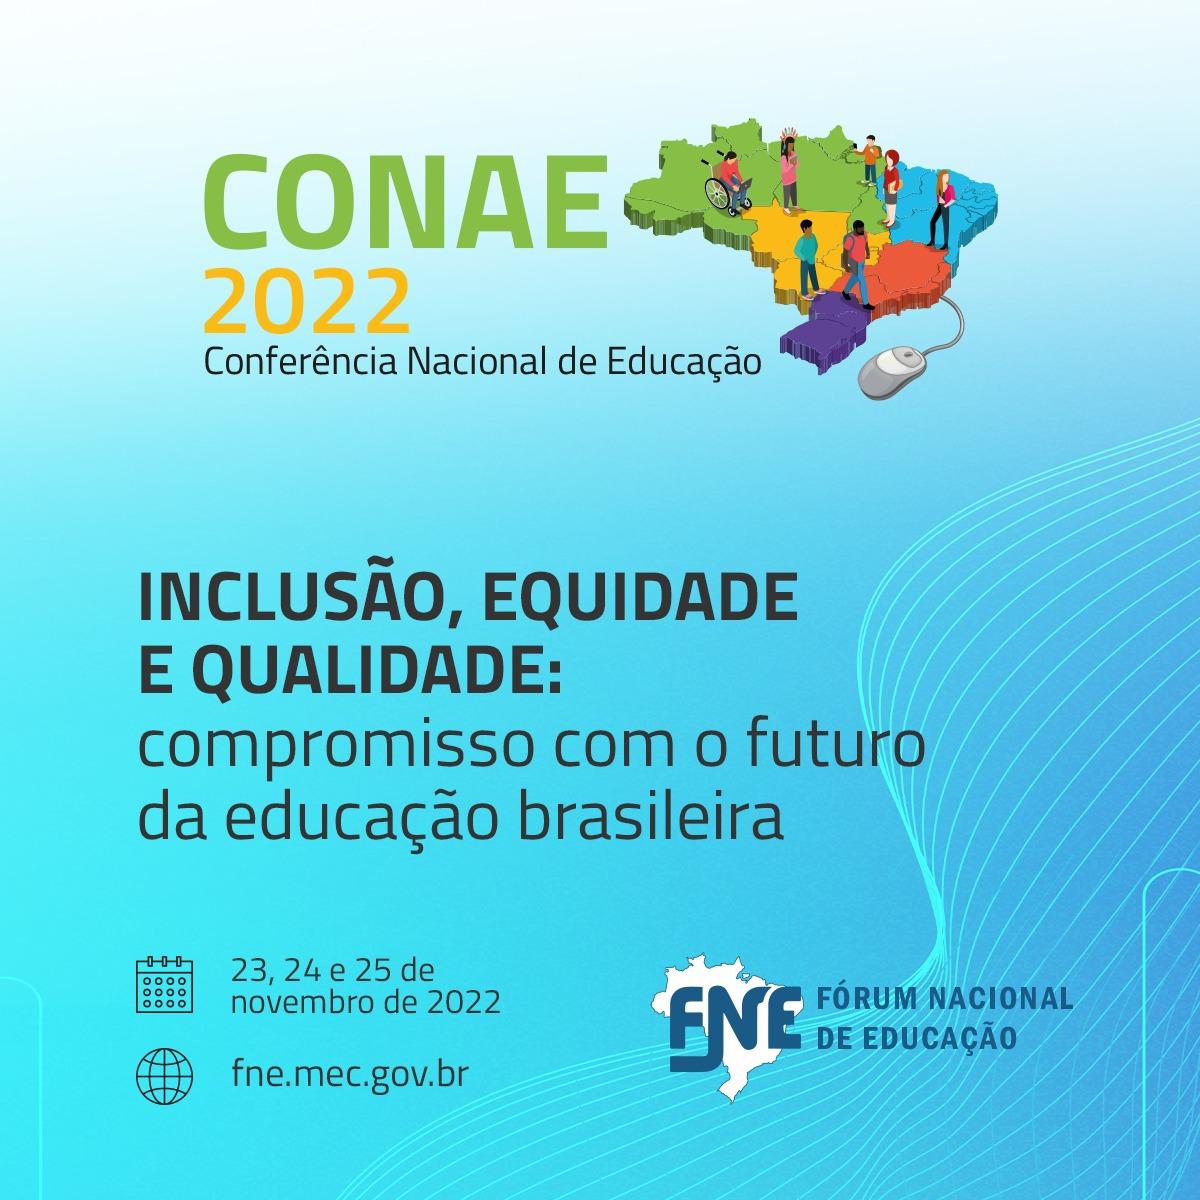 Fórum Nacional de Educação aprova documentos para realização da Conae 2022